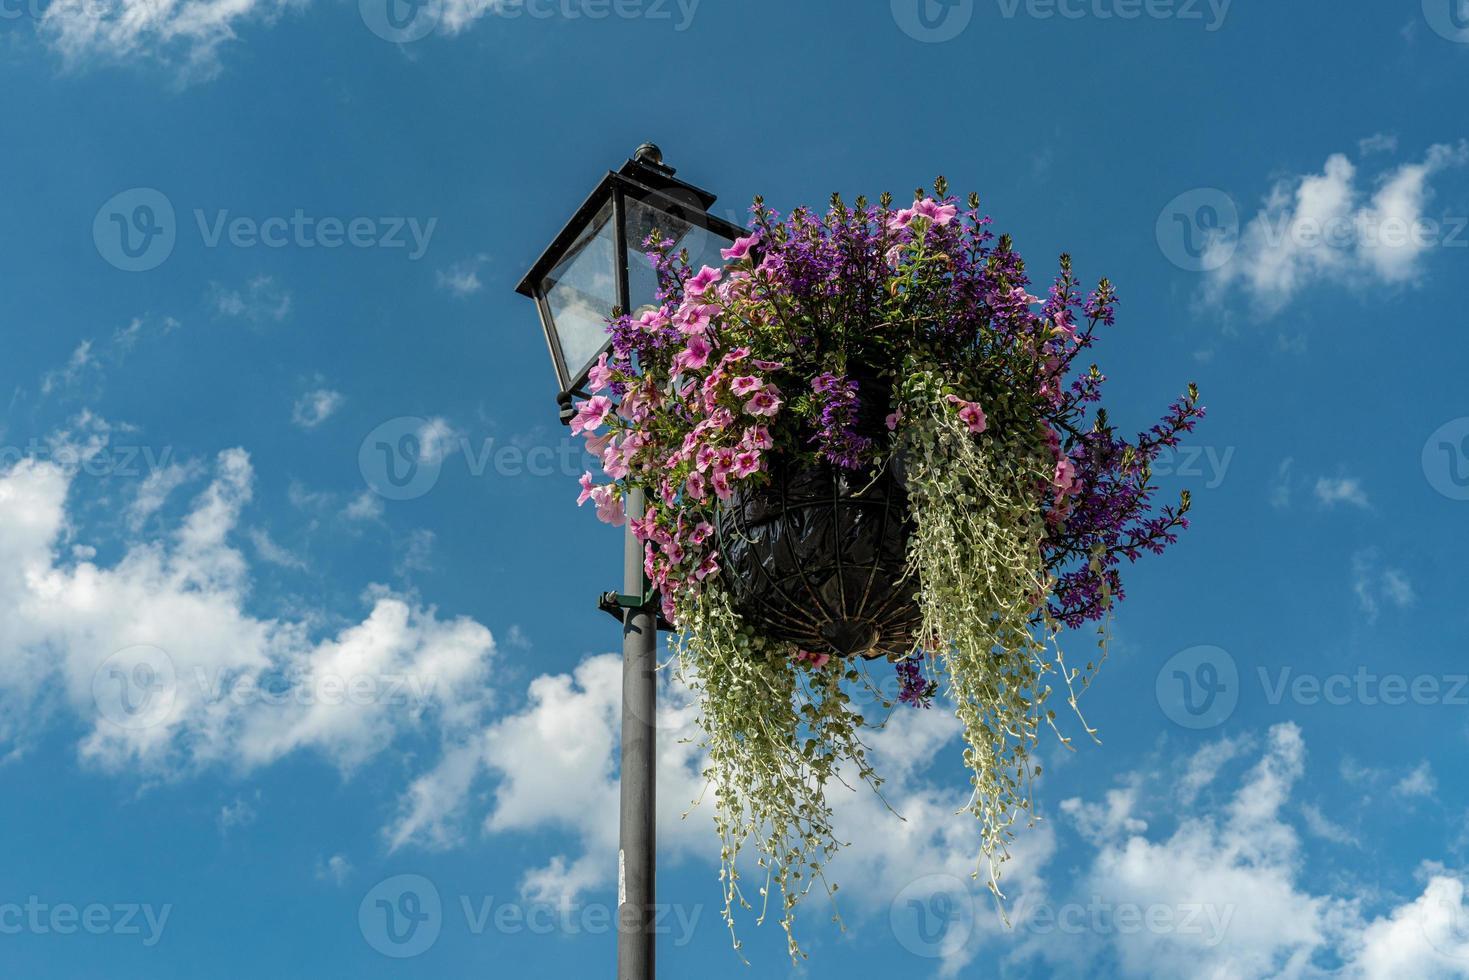 schöne Blumenanordnung, die von einem Laternenpfahl hängt foto